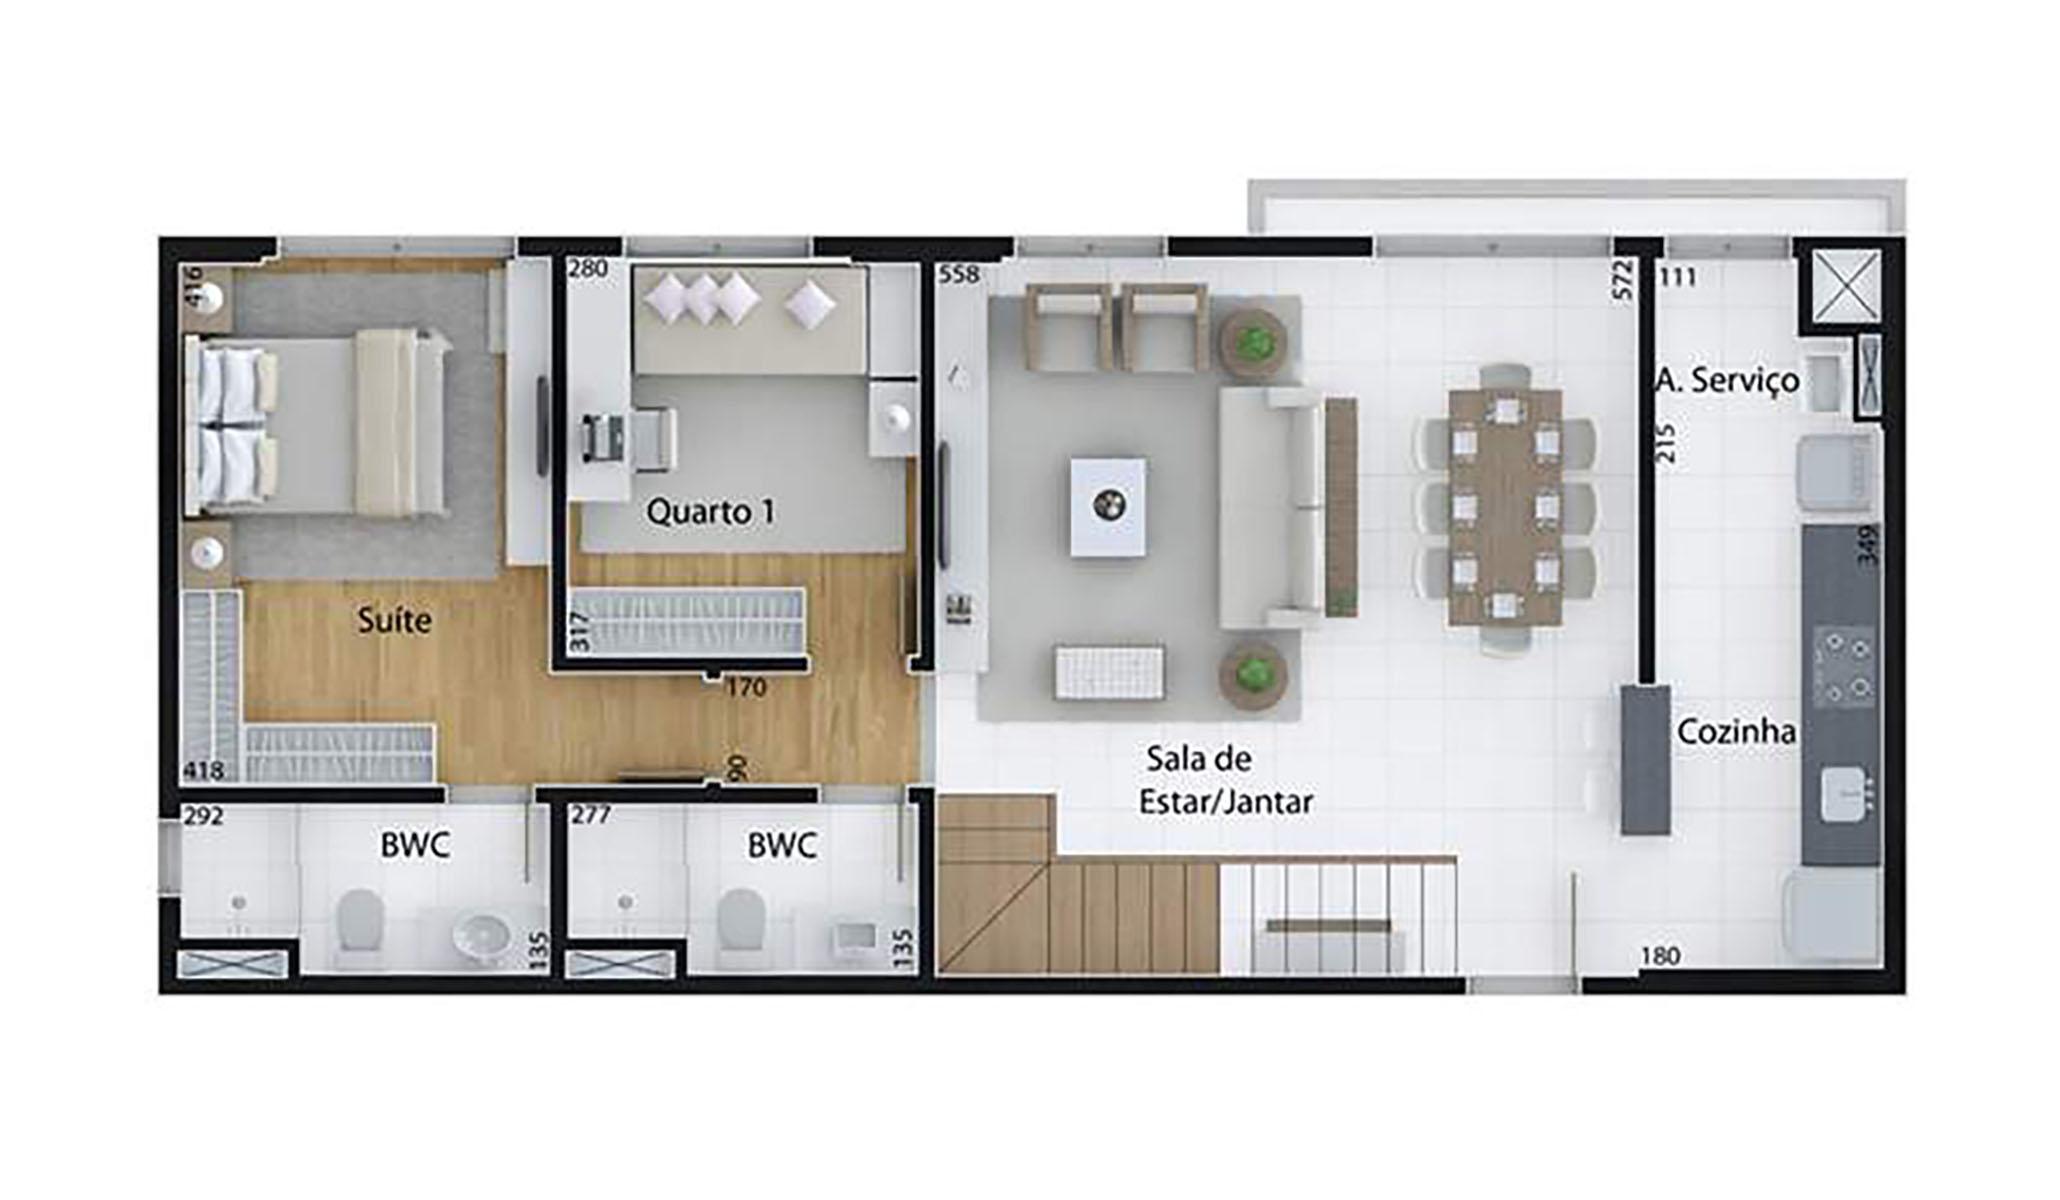 Ilustração Artística da Planta de 166 m², com 3 dorms. (duplex, piso inferior) Set Cabral